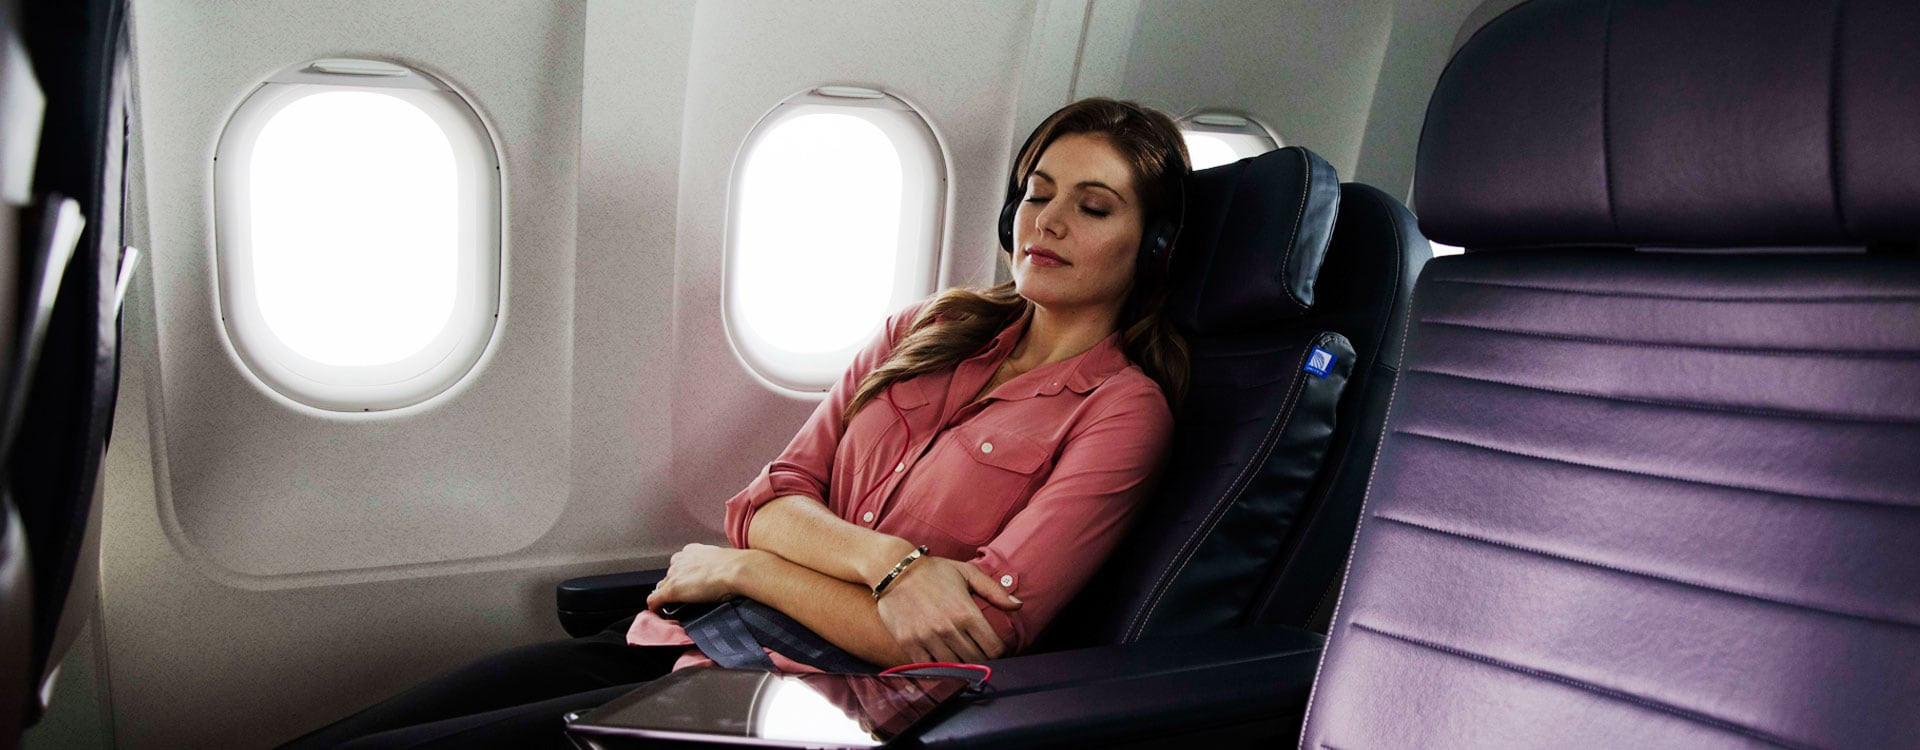 Stretch out in a premium seat